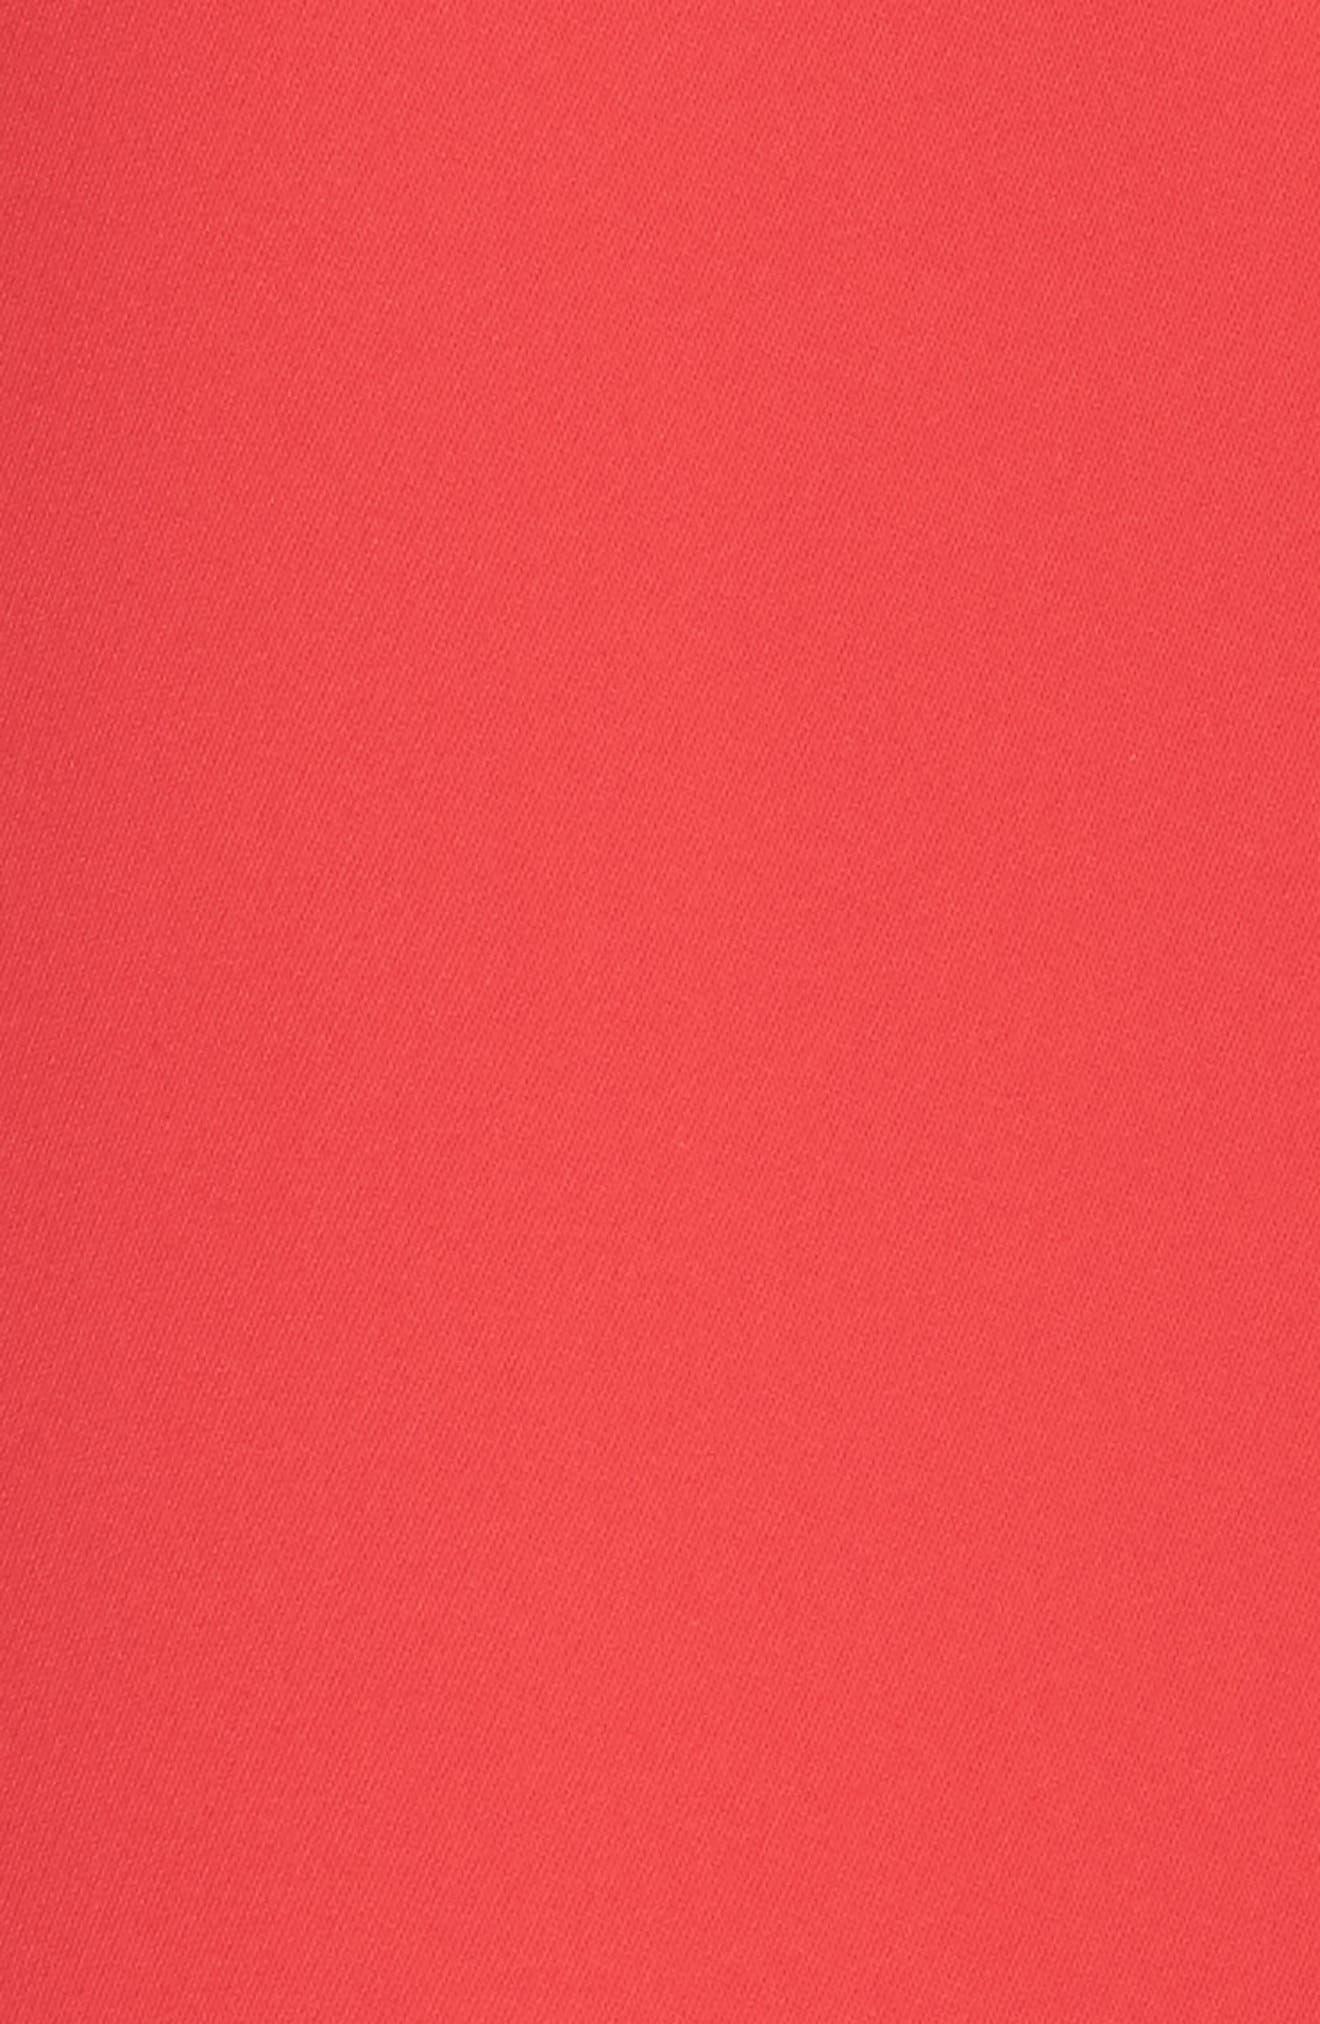 Ruffle Midi Dress,                             Alternate thumbnail 5, color,                             610